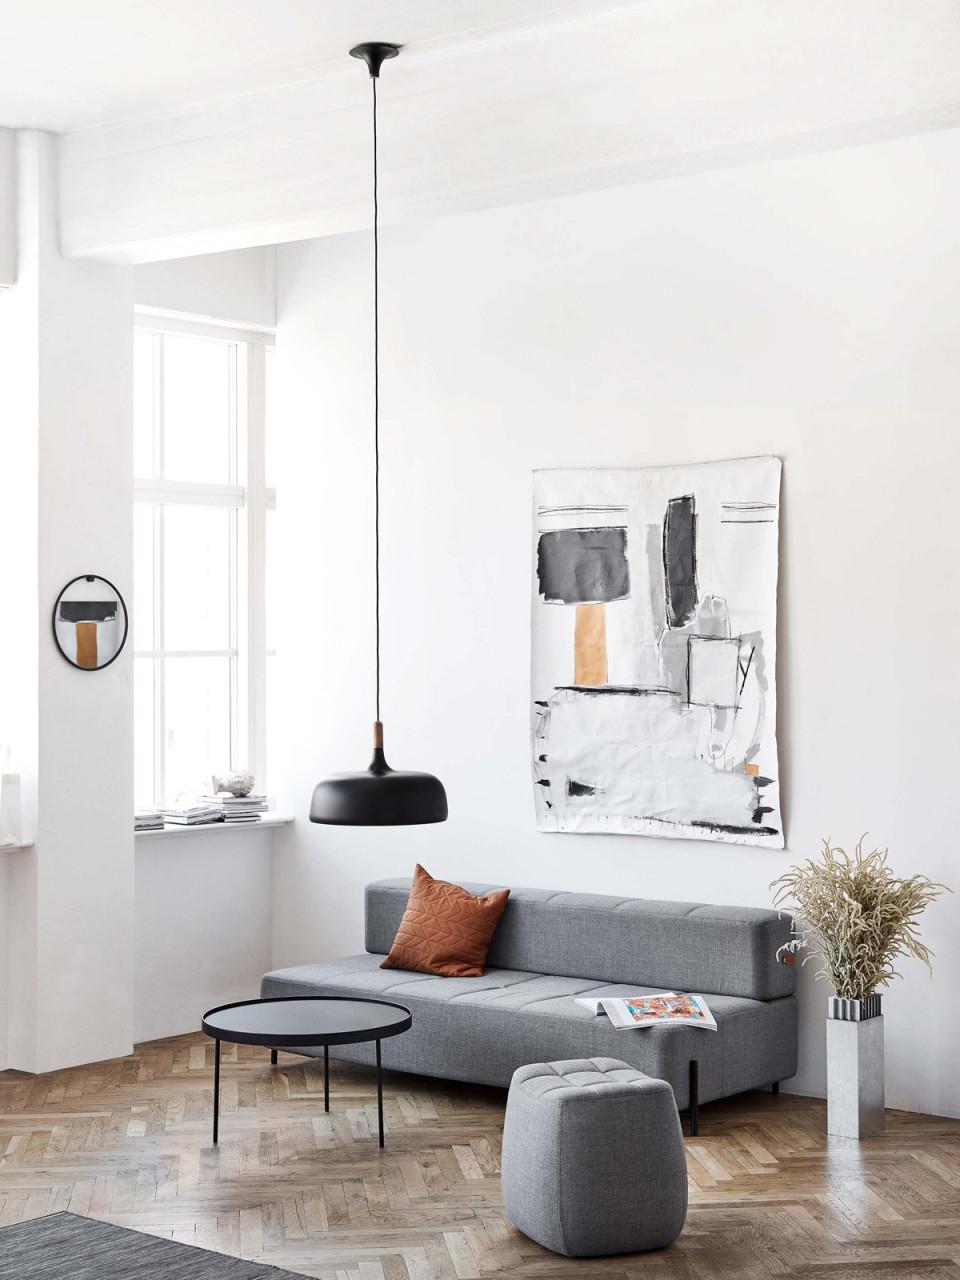 Acorn von Wohnzimmer Lampe Skandinavisch Bild